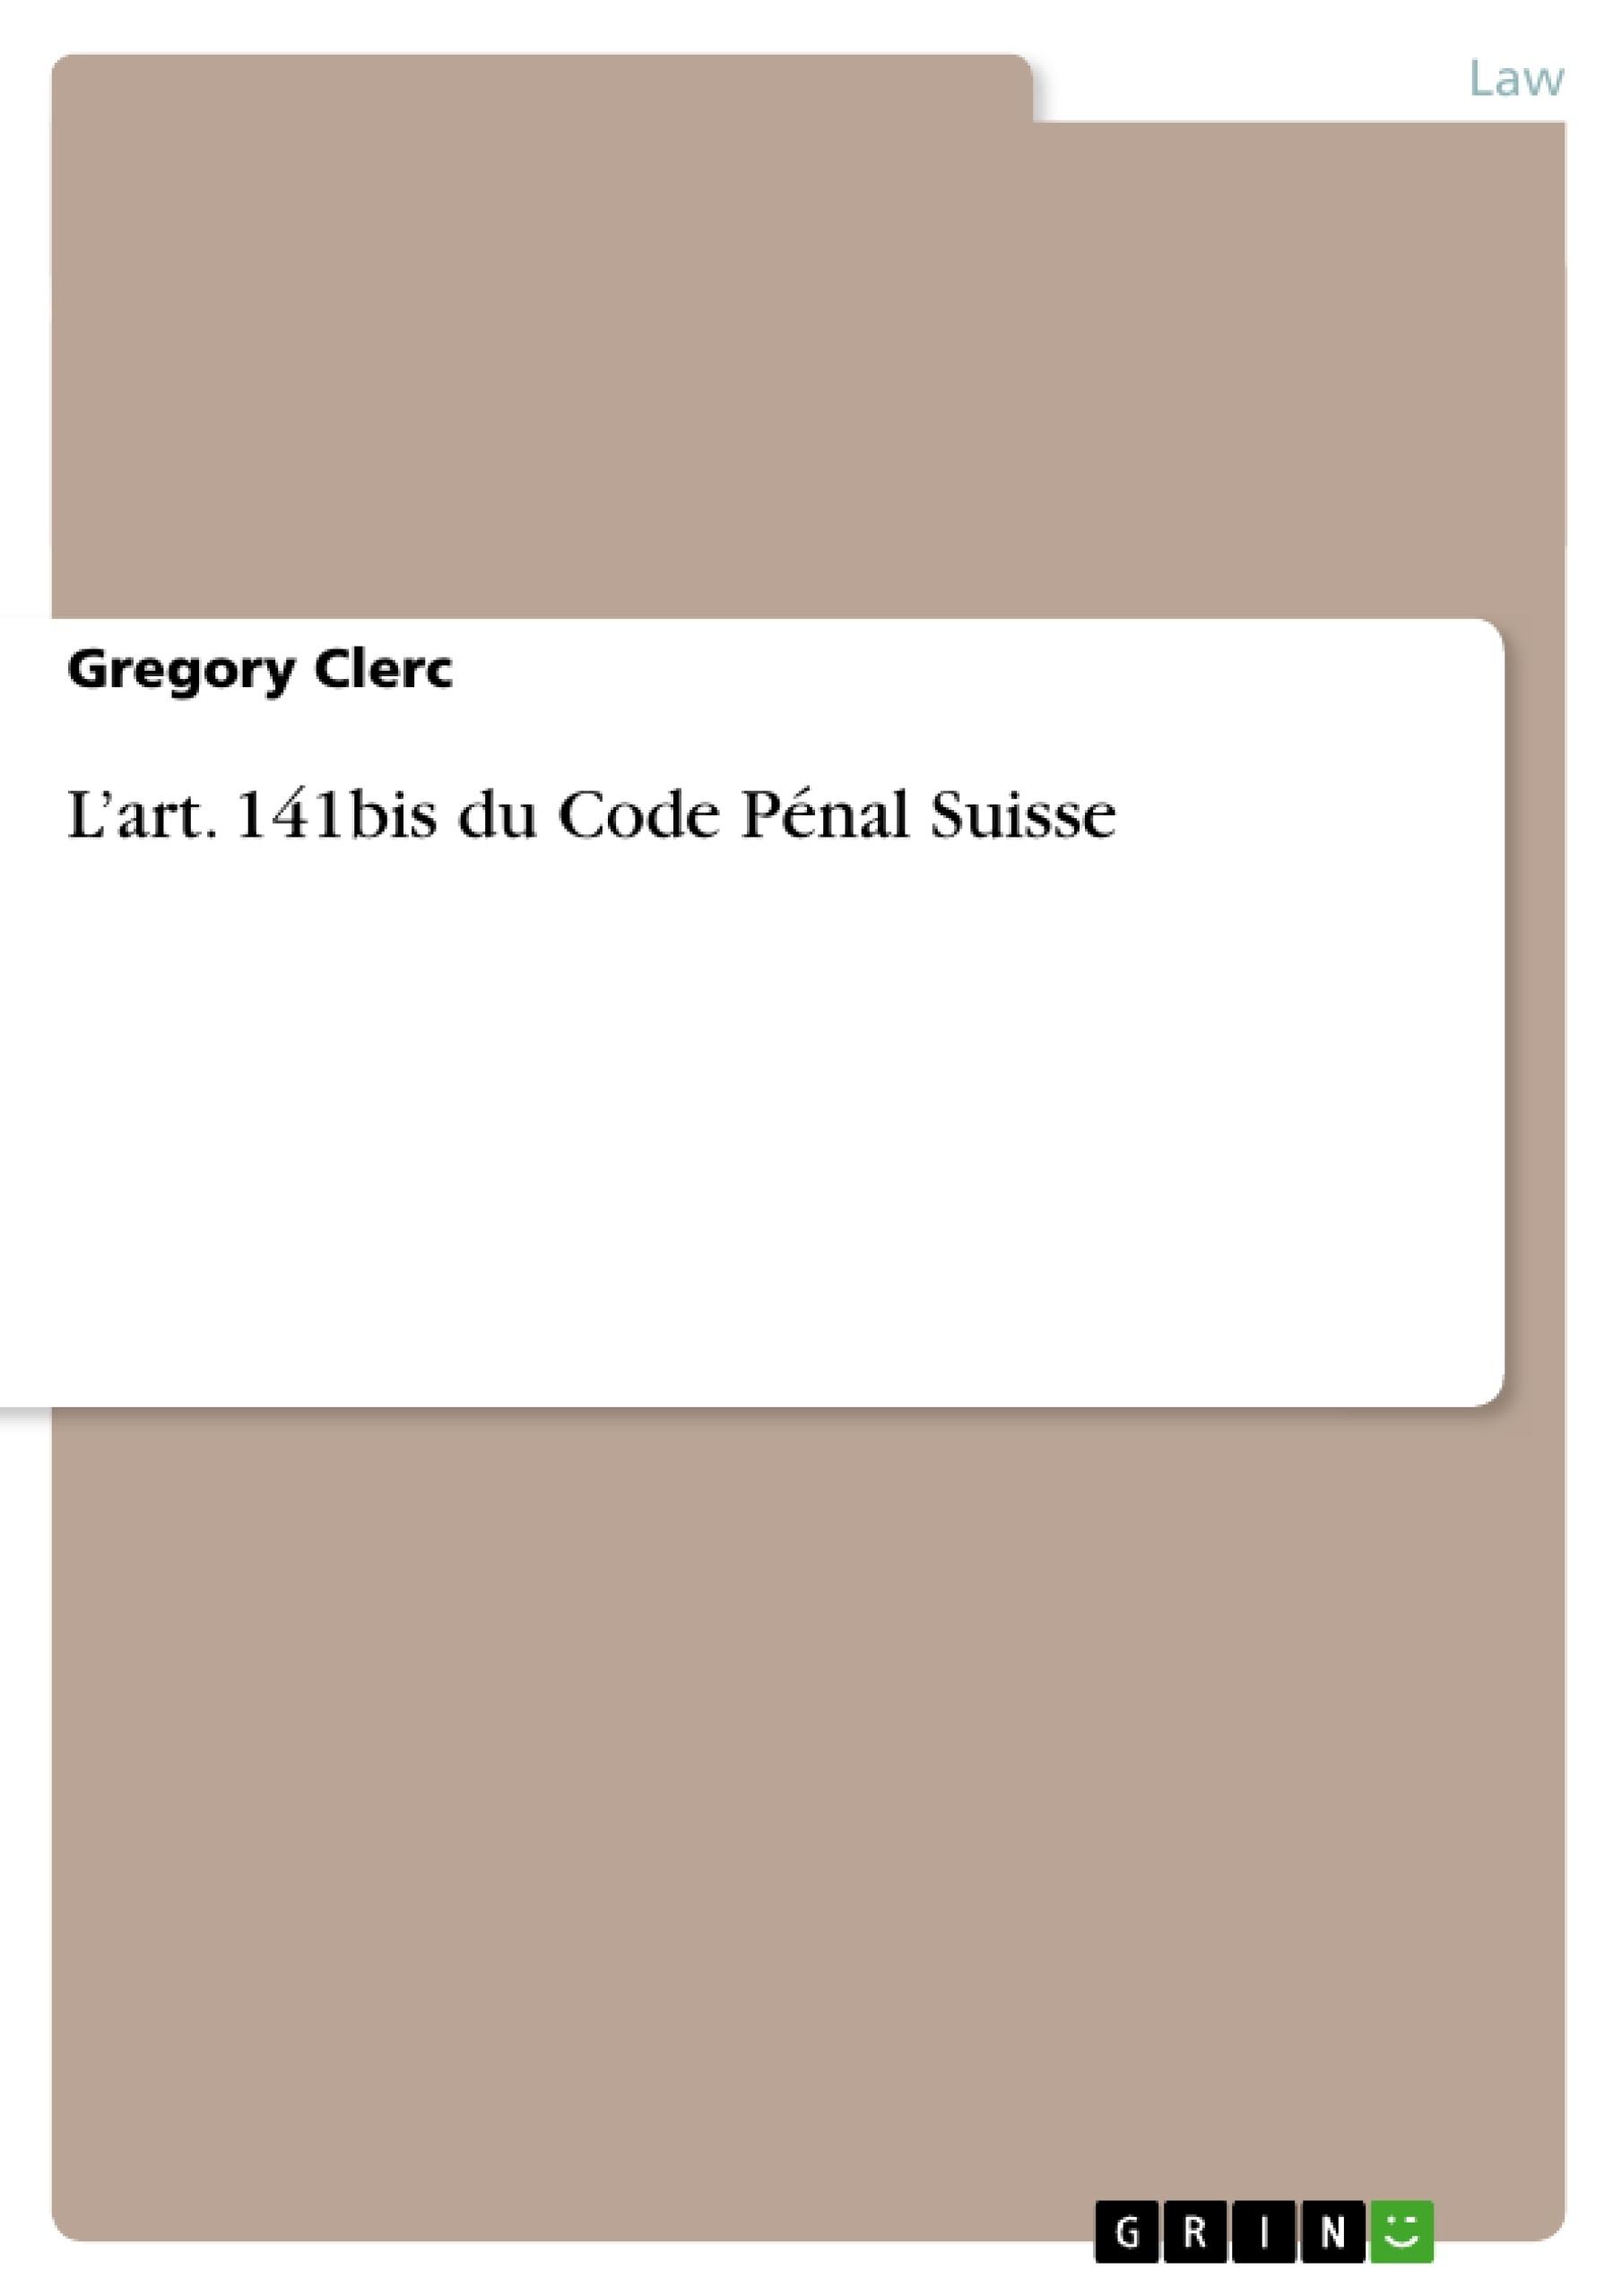 Titre: L'art. 141bis du Code Pénal Suisse